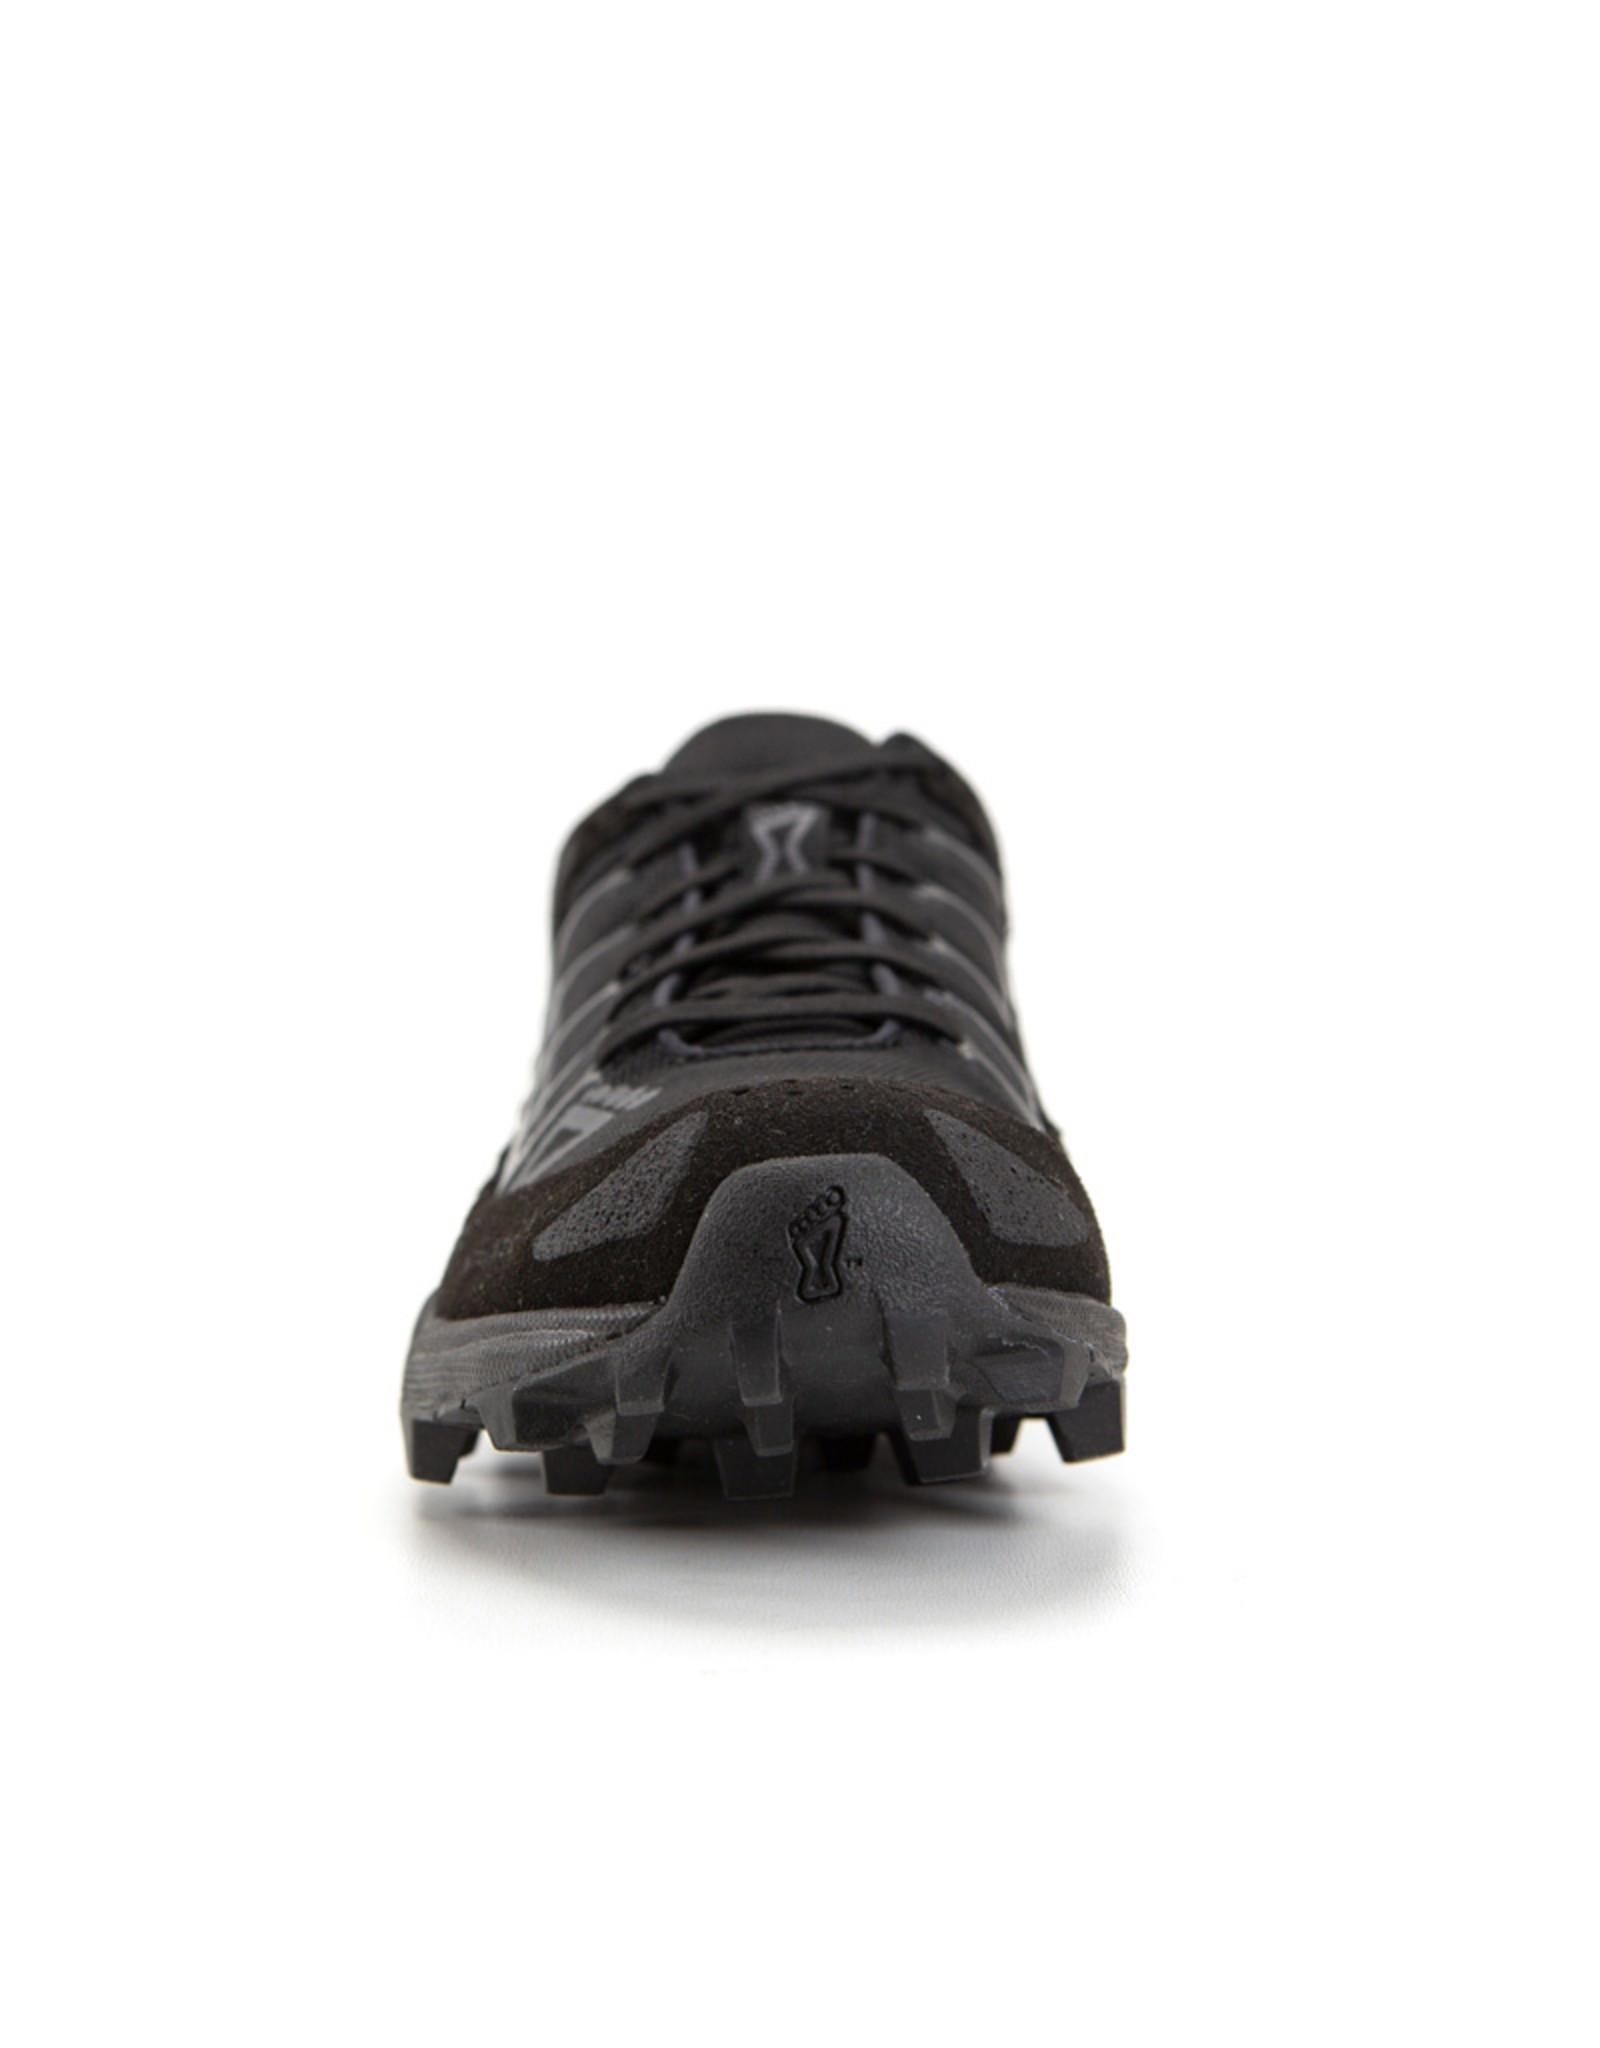 Inov-8 X-Talon 212 Noir/Carbon OCR dans la chaussure de survie